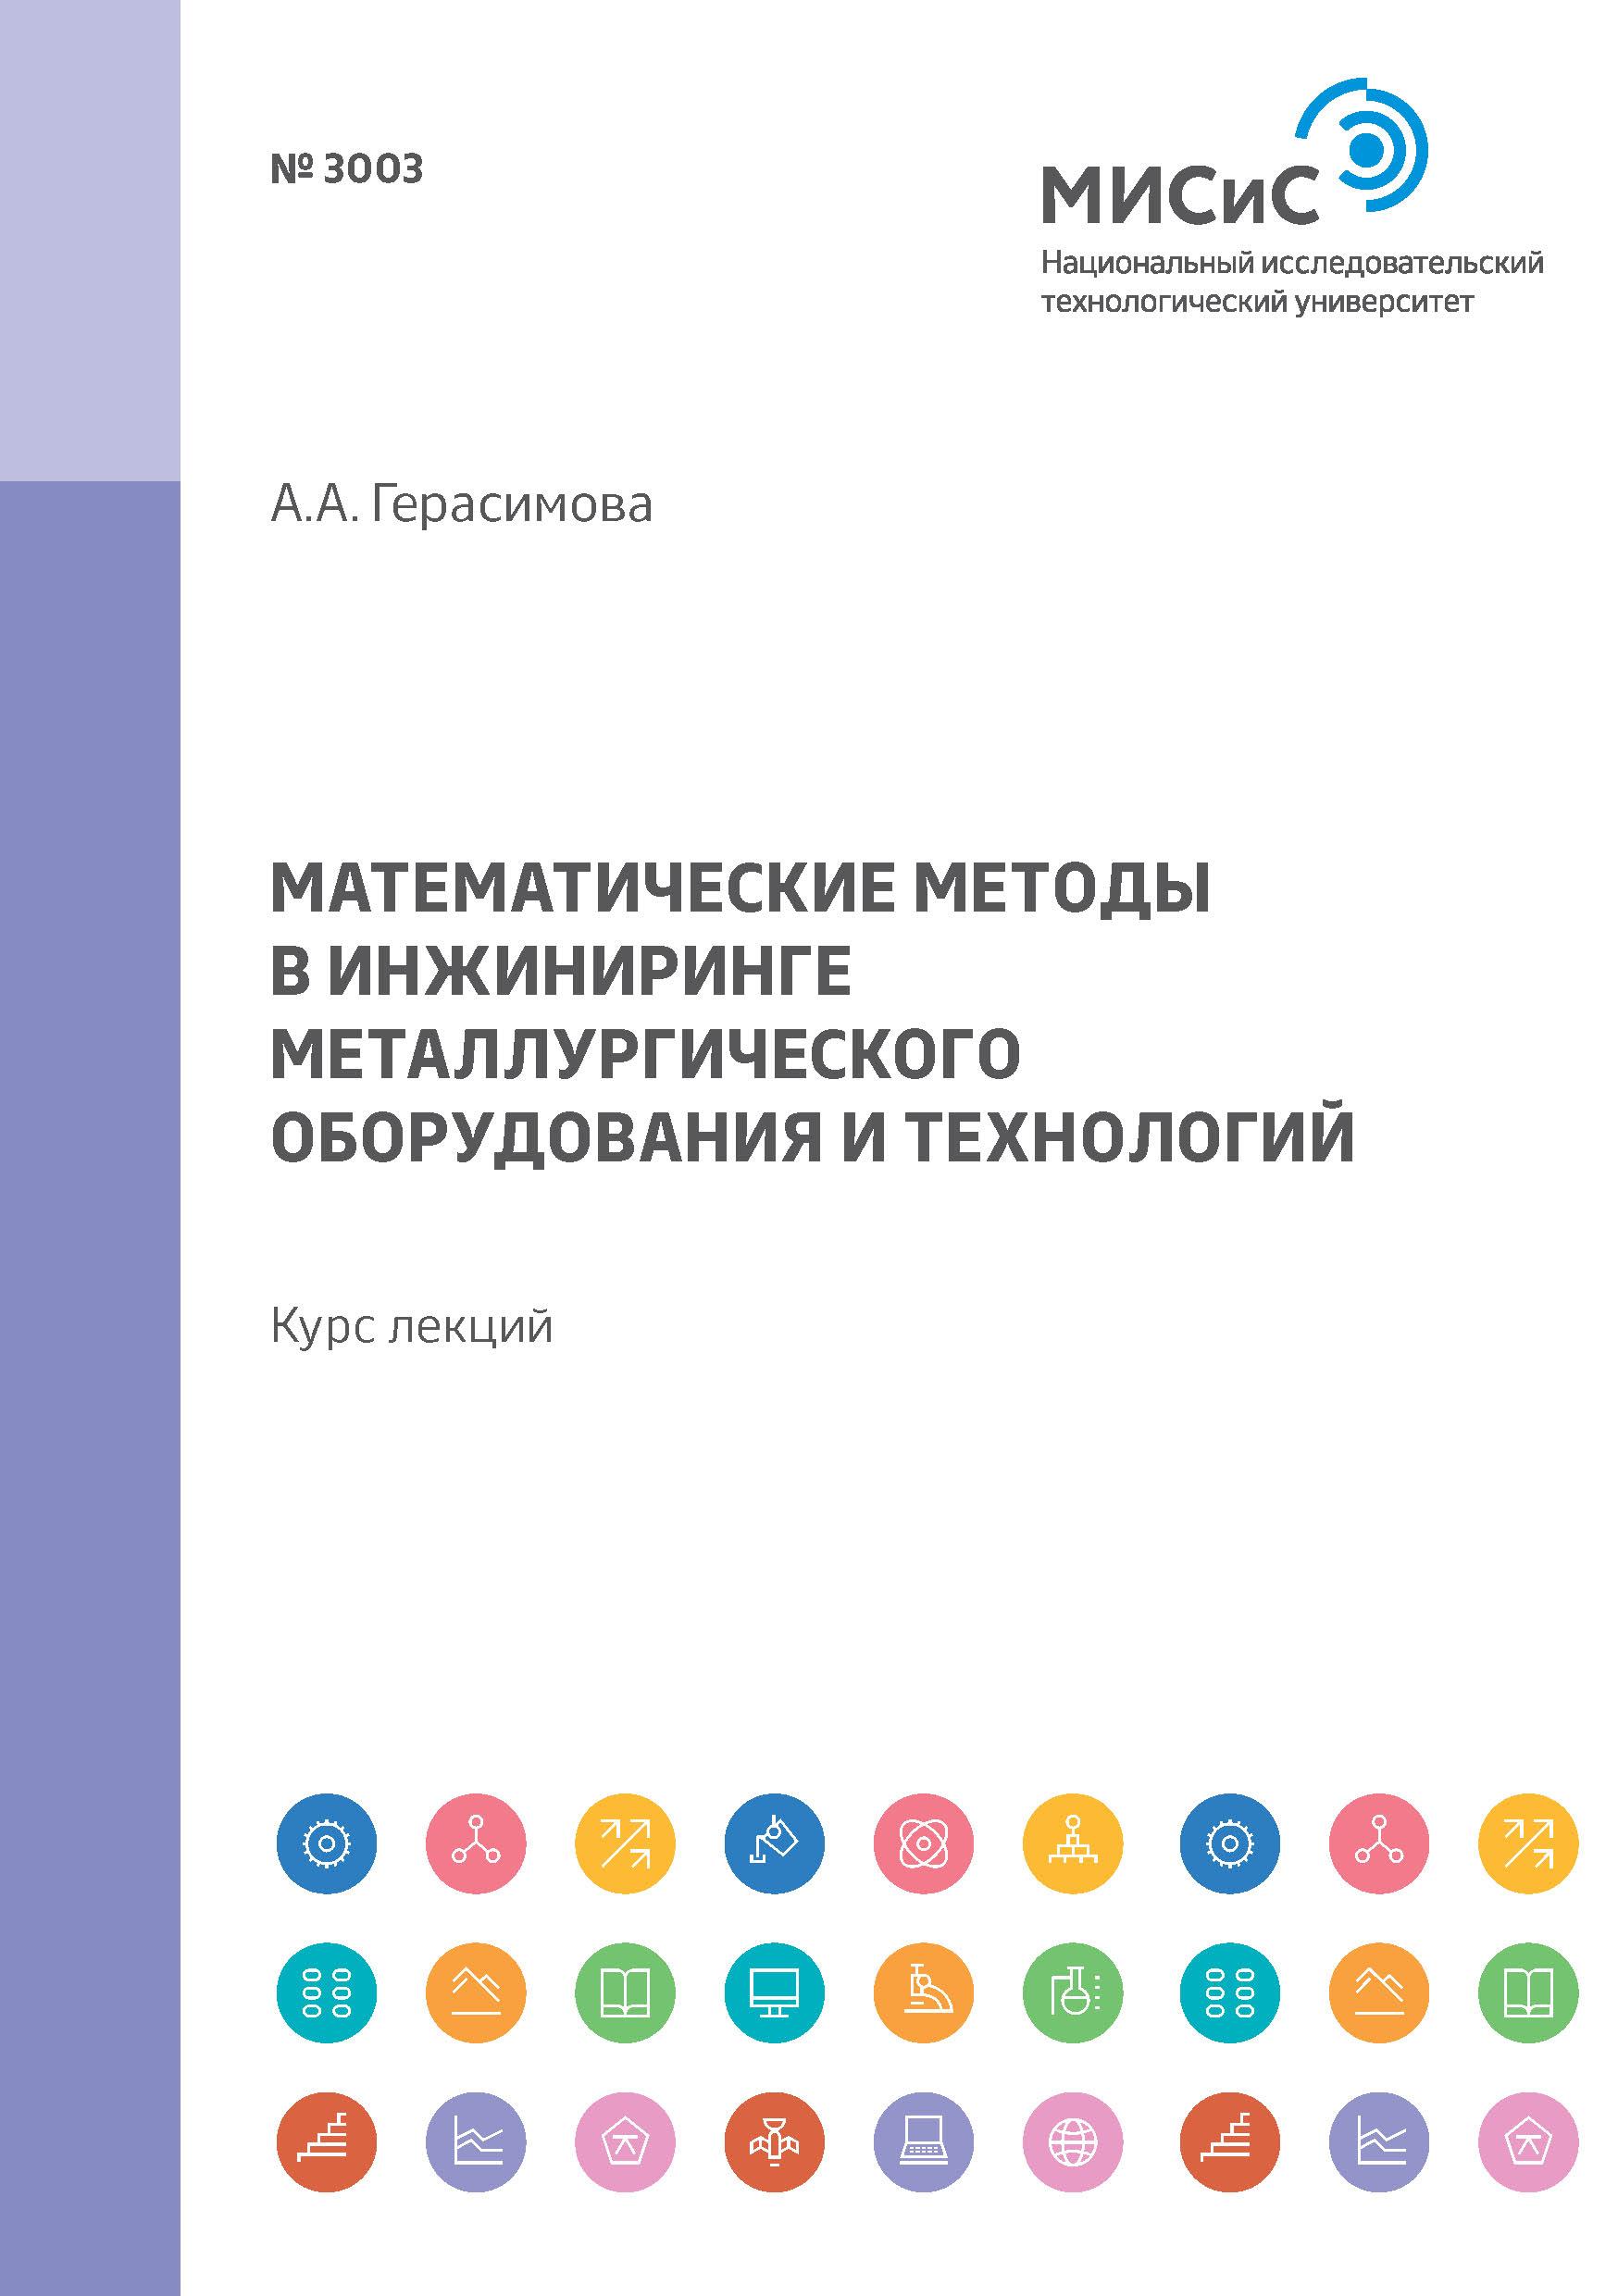 А. Герасимова Математические методы в инжиниринге металлургического оборудования и технологий. Курс лекций